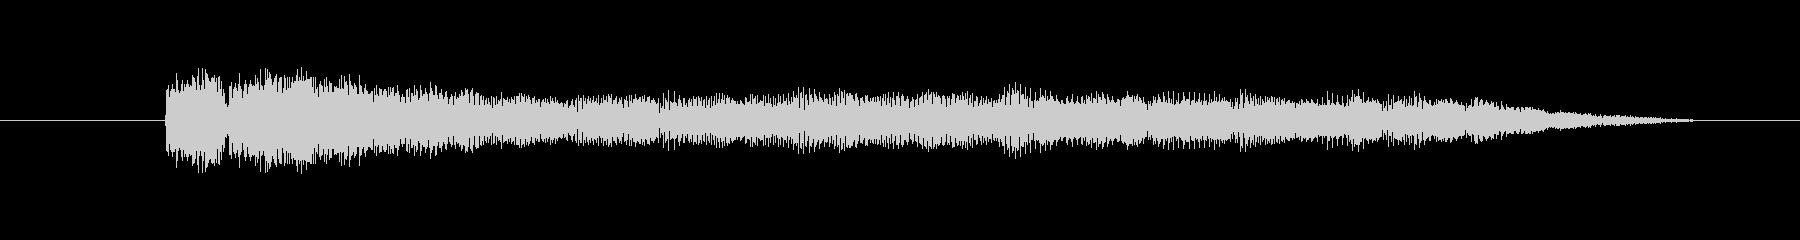 ジャジャーンという効果音の未再生の波形